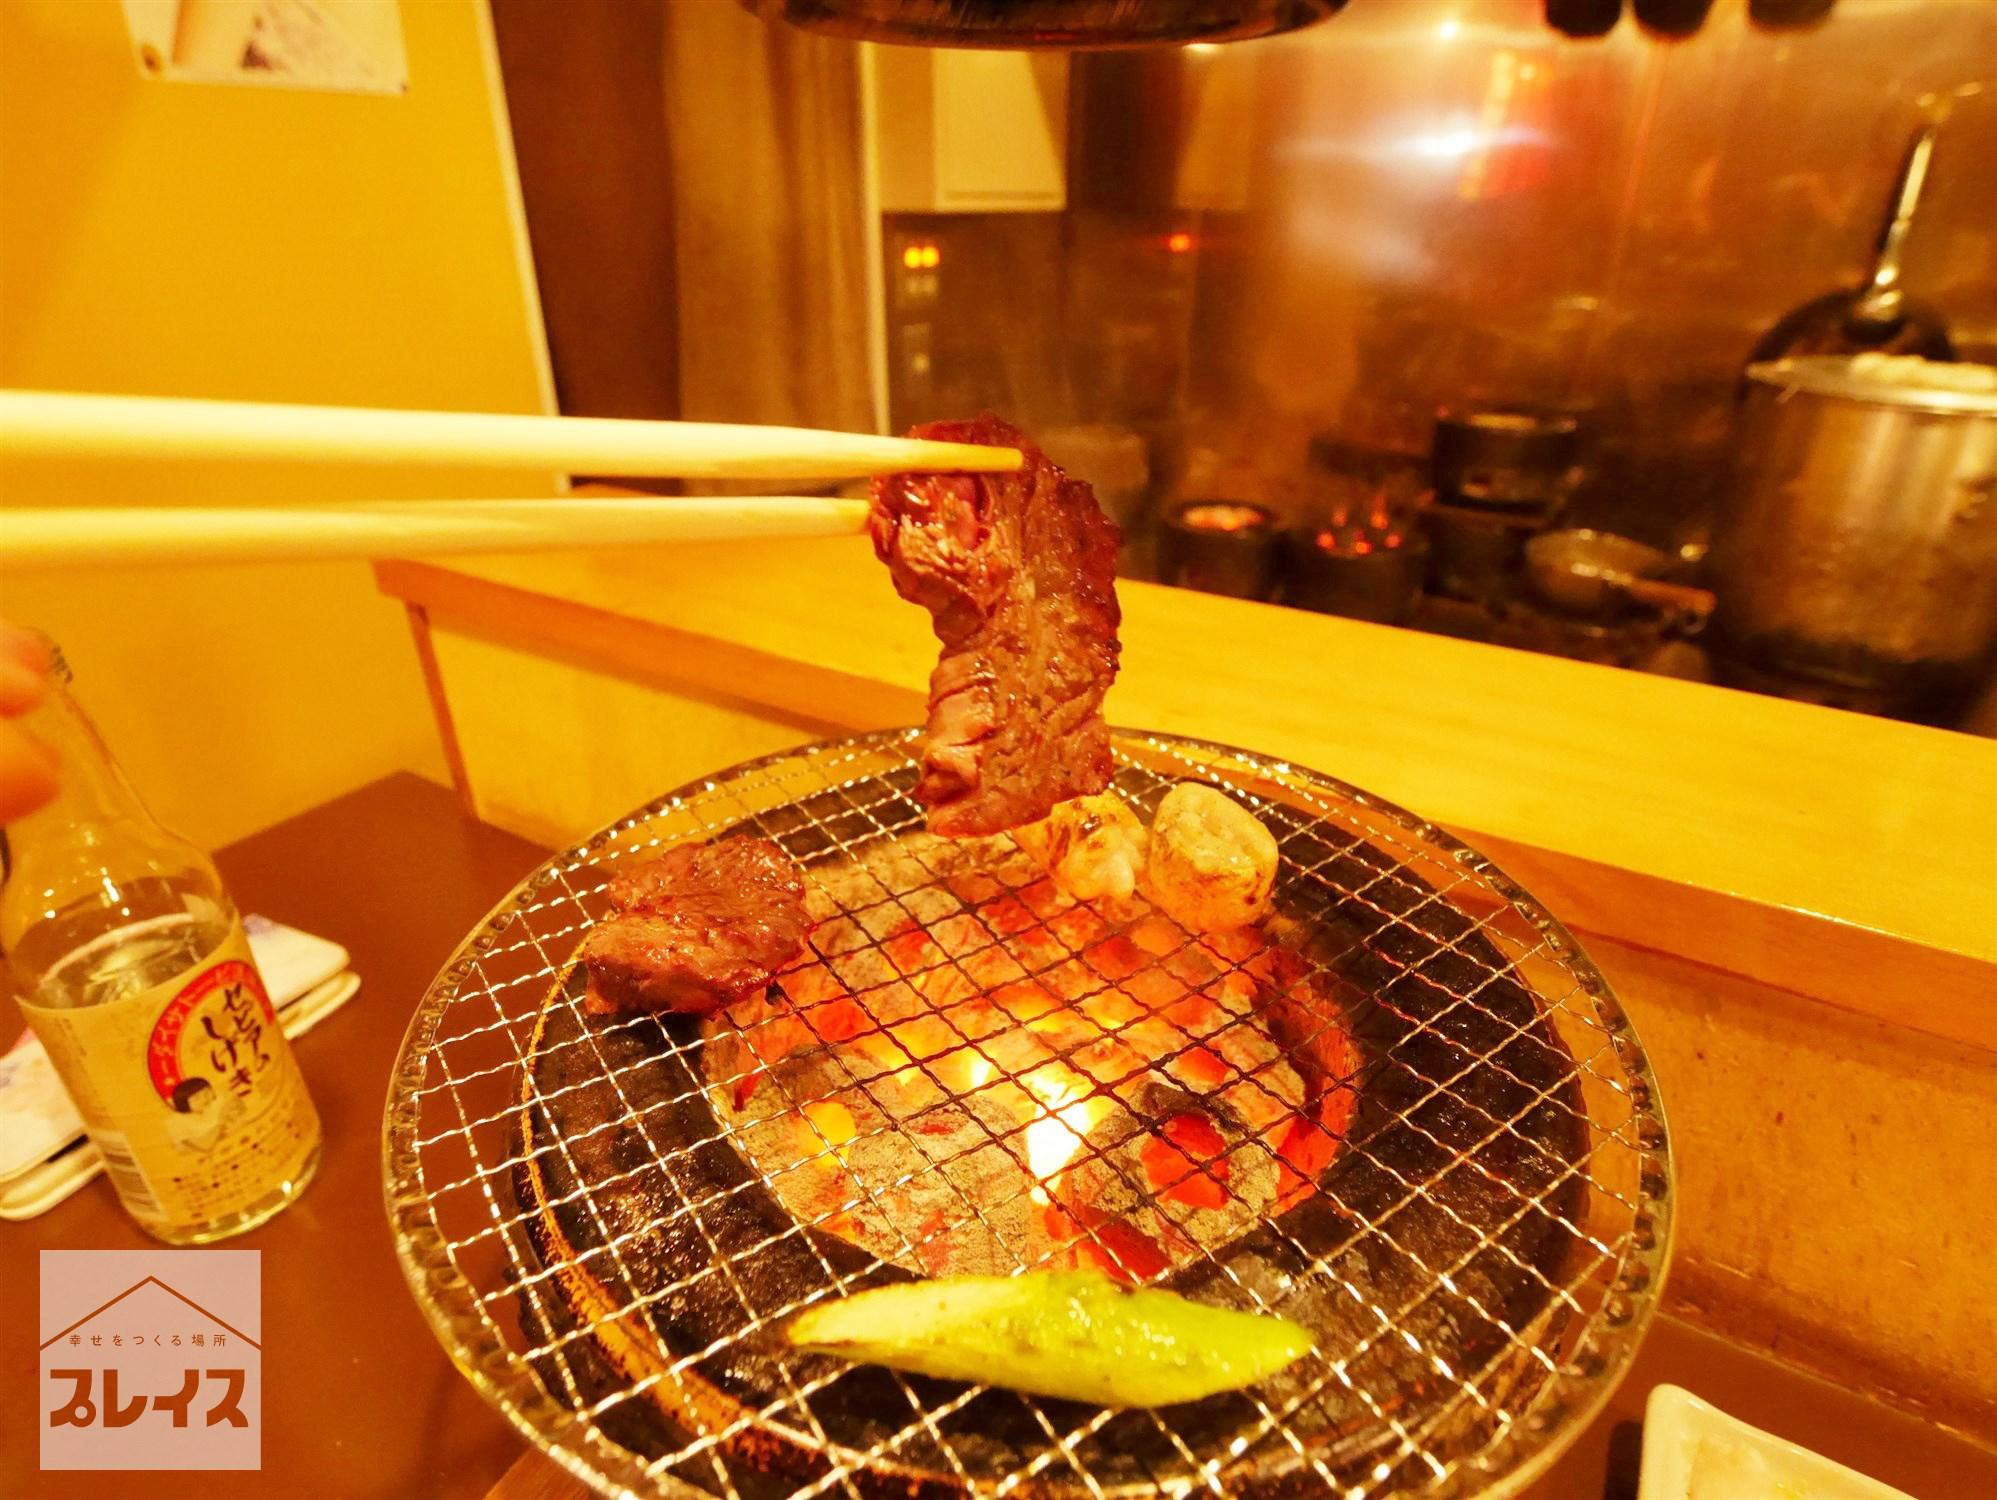 P20170227-武蔵野市-マル保/ホルモン焼き (22)七輪で焼く.jpg